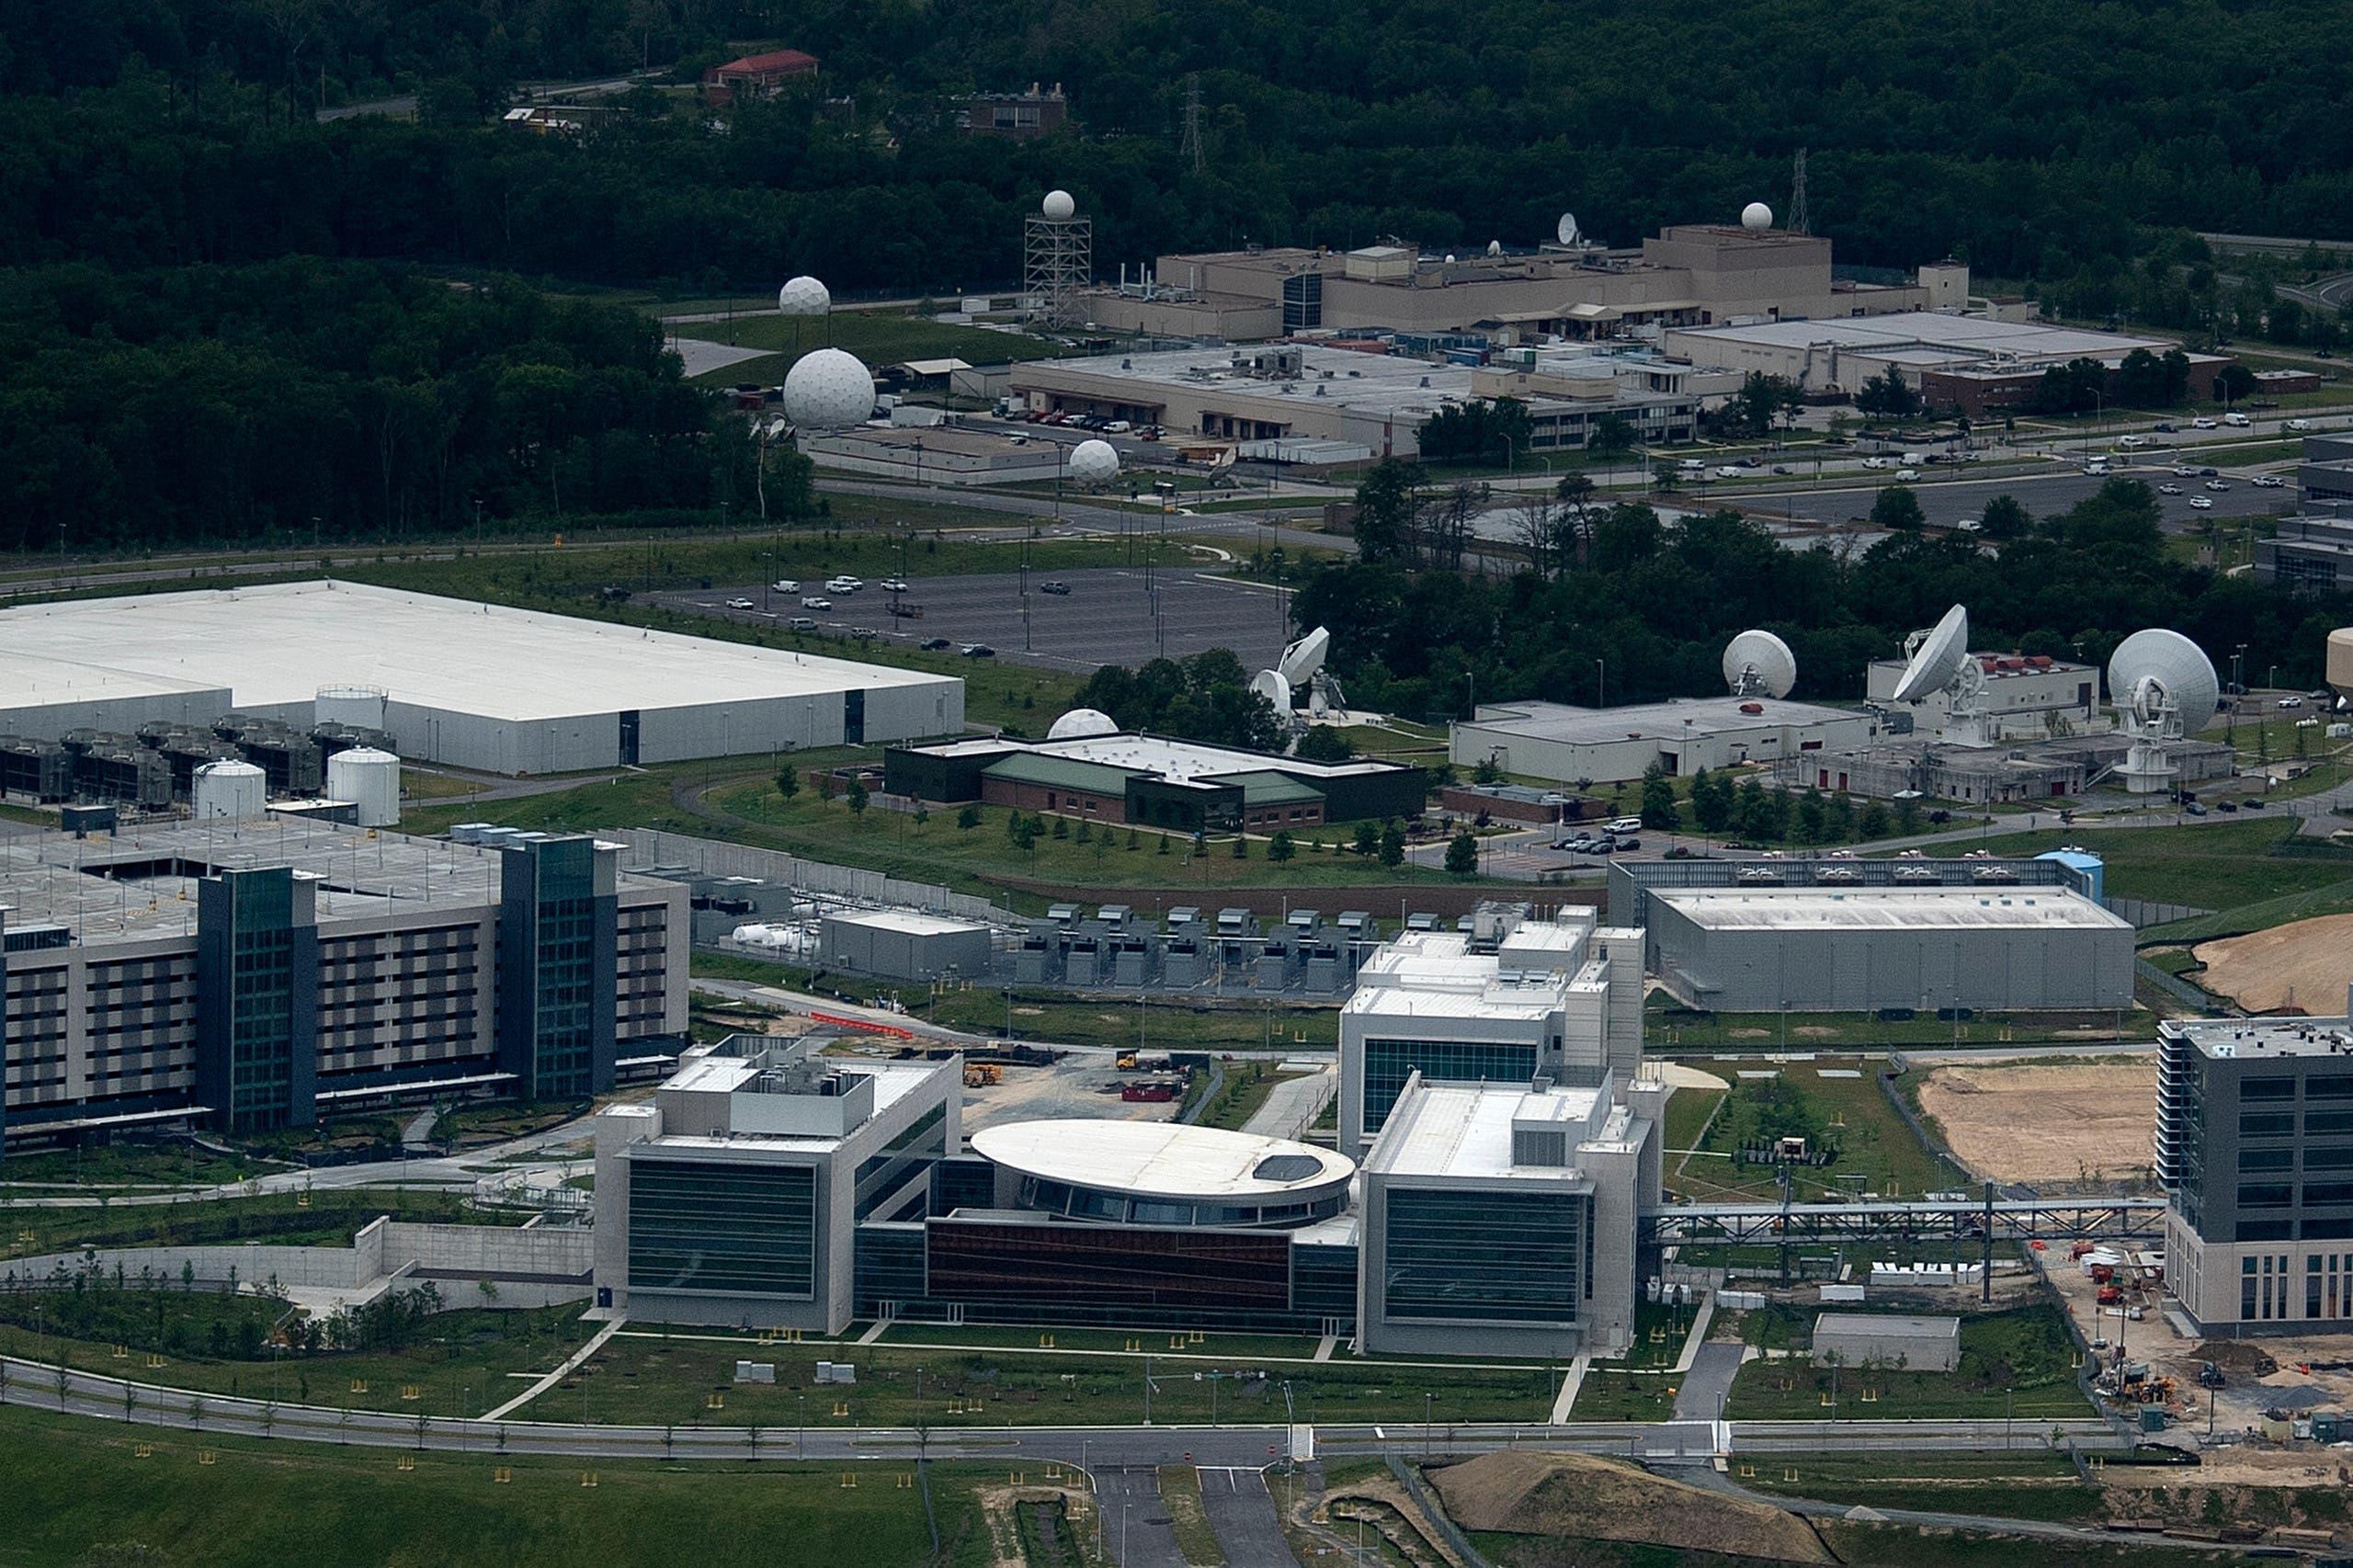 """مقر وكالة الأمن القومي الأميركية """"إن. إس. إيه"""" في ماريلاند"""